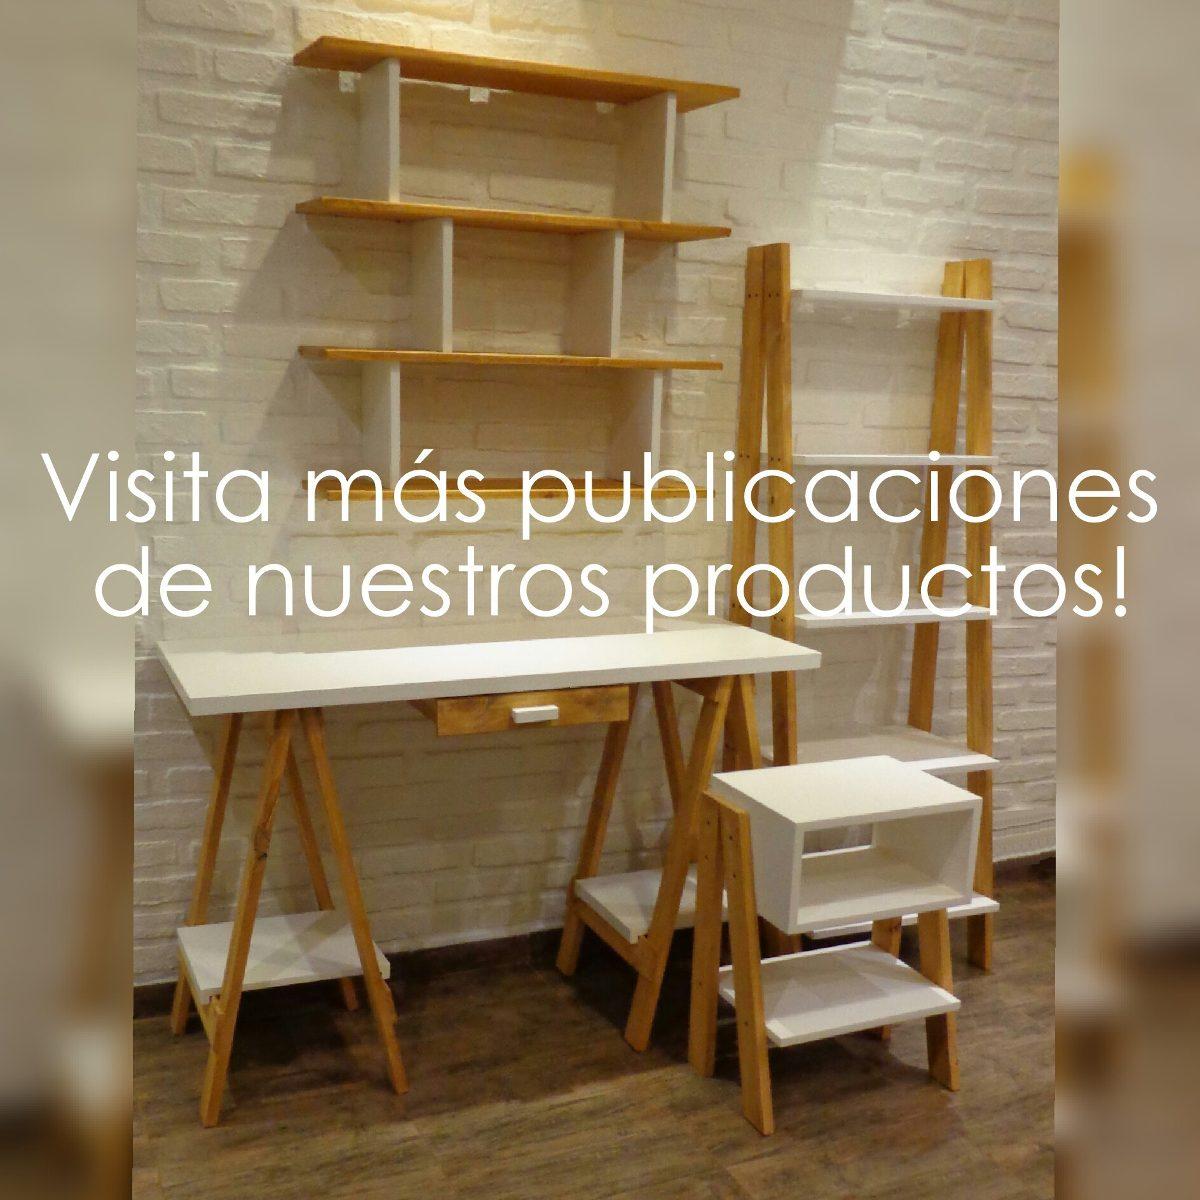 Combo De Muebles Nordicos 7 659 00 En Mercado Libre # Muebles Nordicos